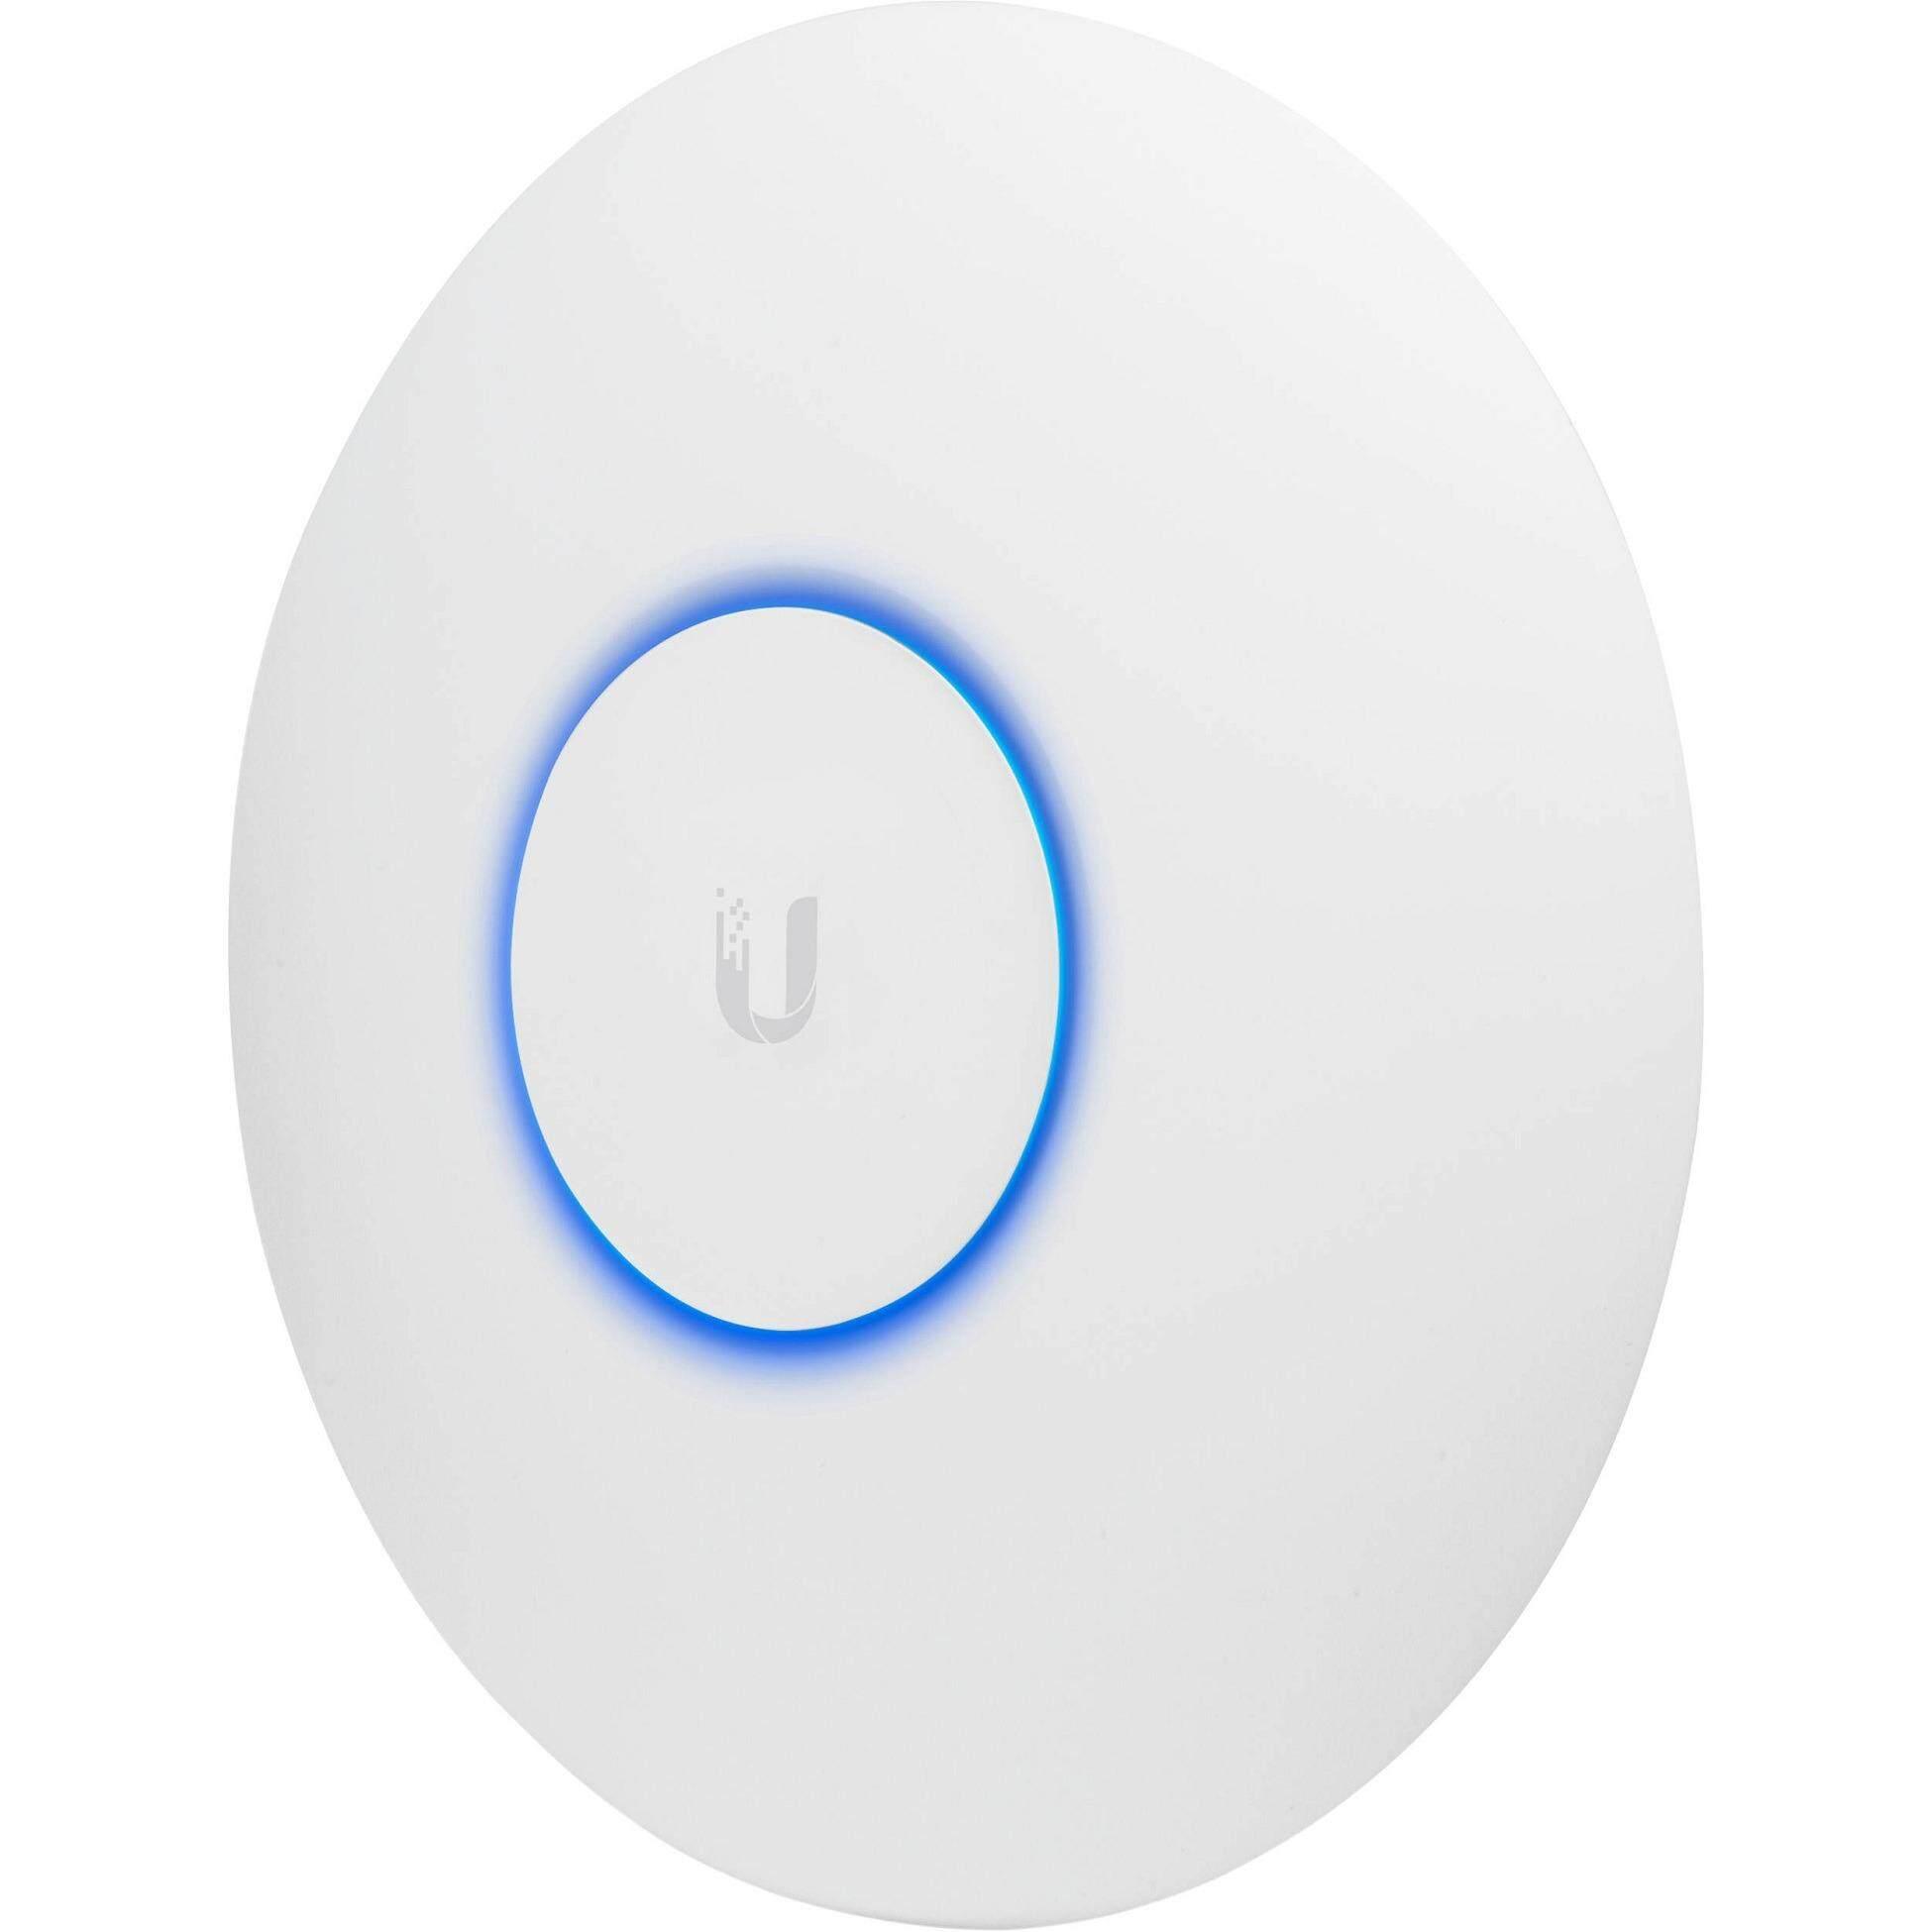 ขาย Ubiquiti Unifi Uap Ac Pro E Indoor Outdoor 2 4 5Ghz Ap 3X3 Mimo ของแท้ มีประกัน White Ubiquiti Networks ใน กรุงเทพมหานคร